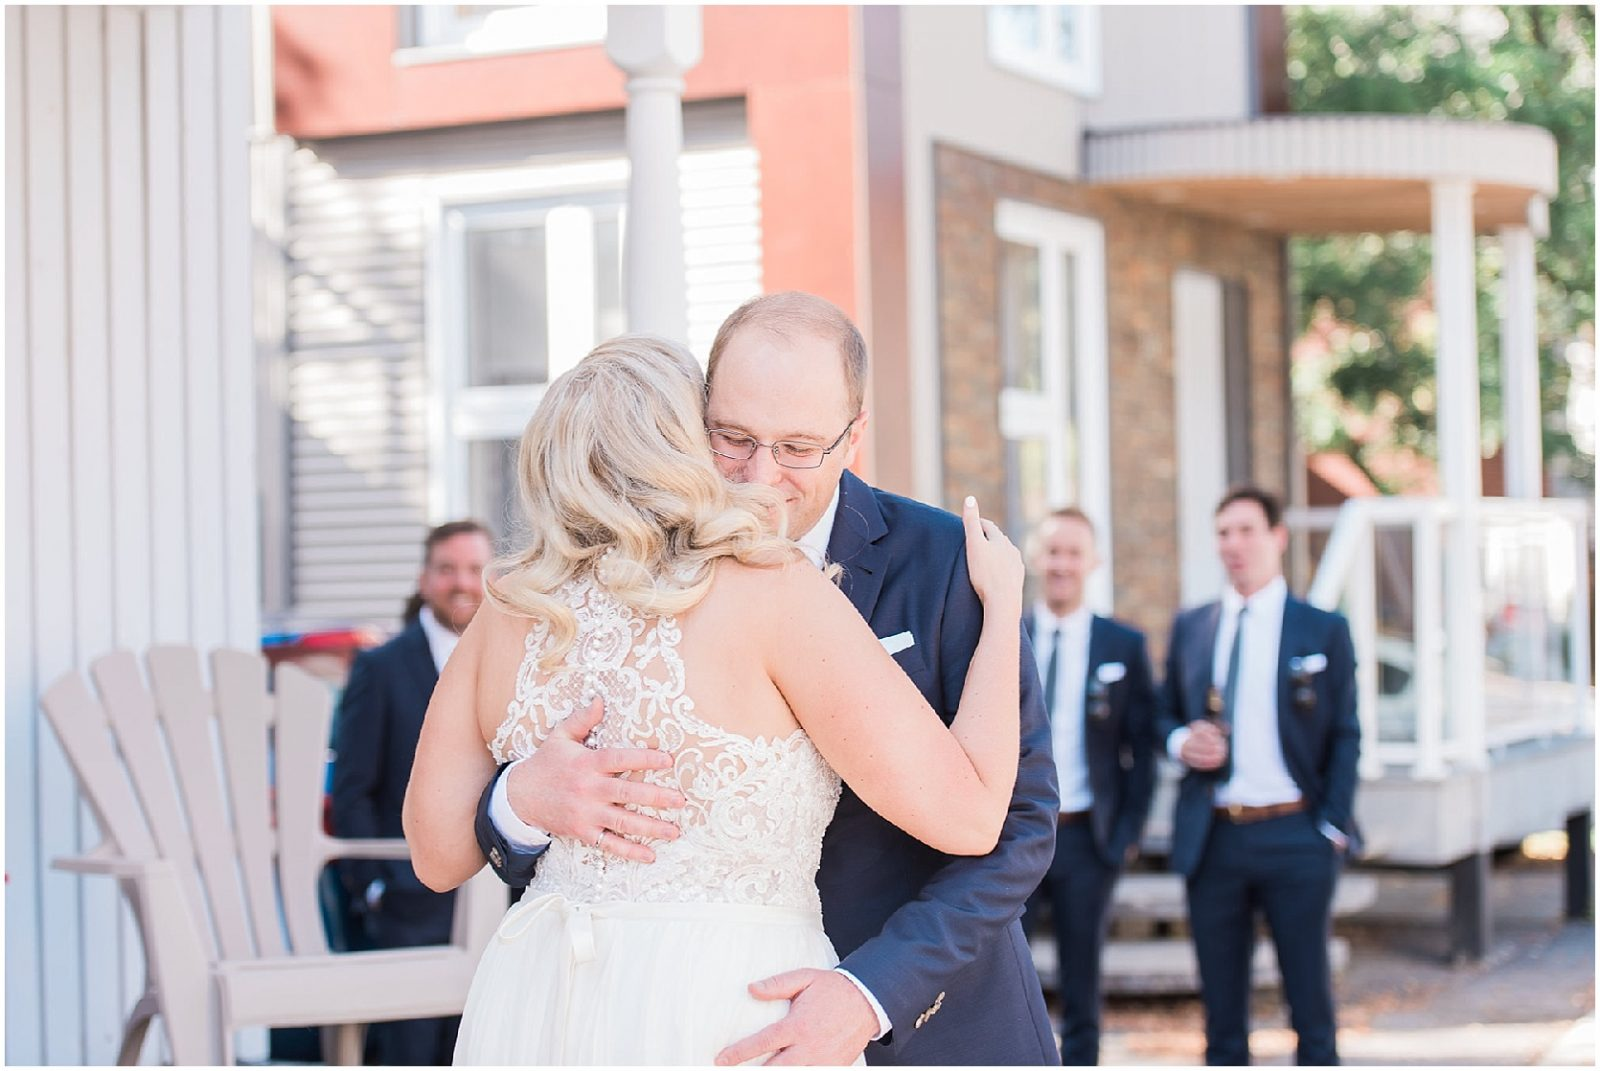 0019 SS-Late Summer Wedding at Zibi - Ottawa_PhotosbyEmmaH_WEB.jpg